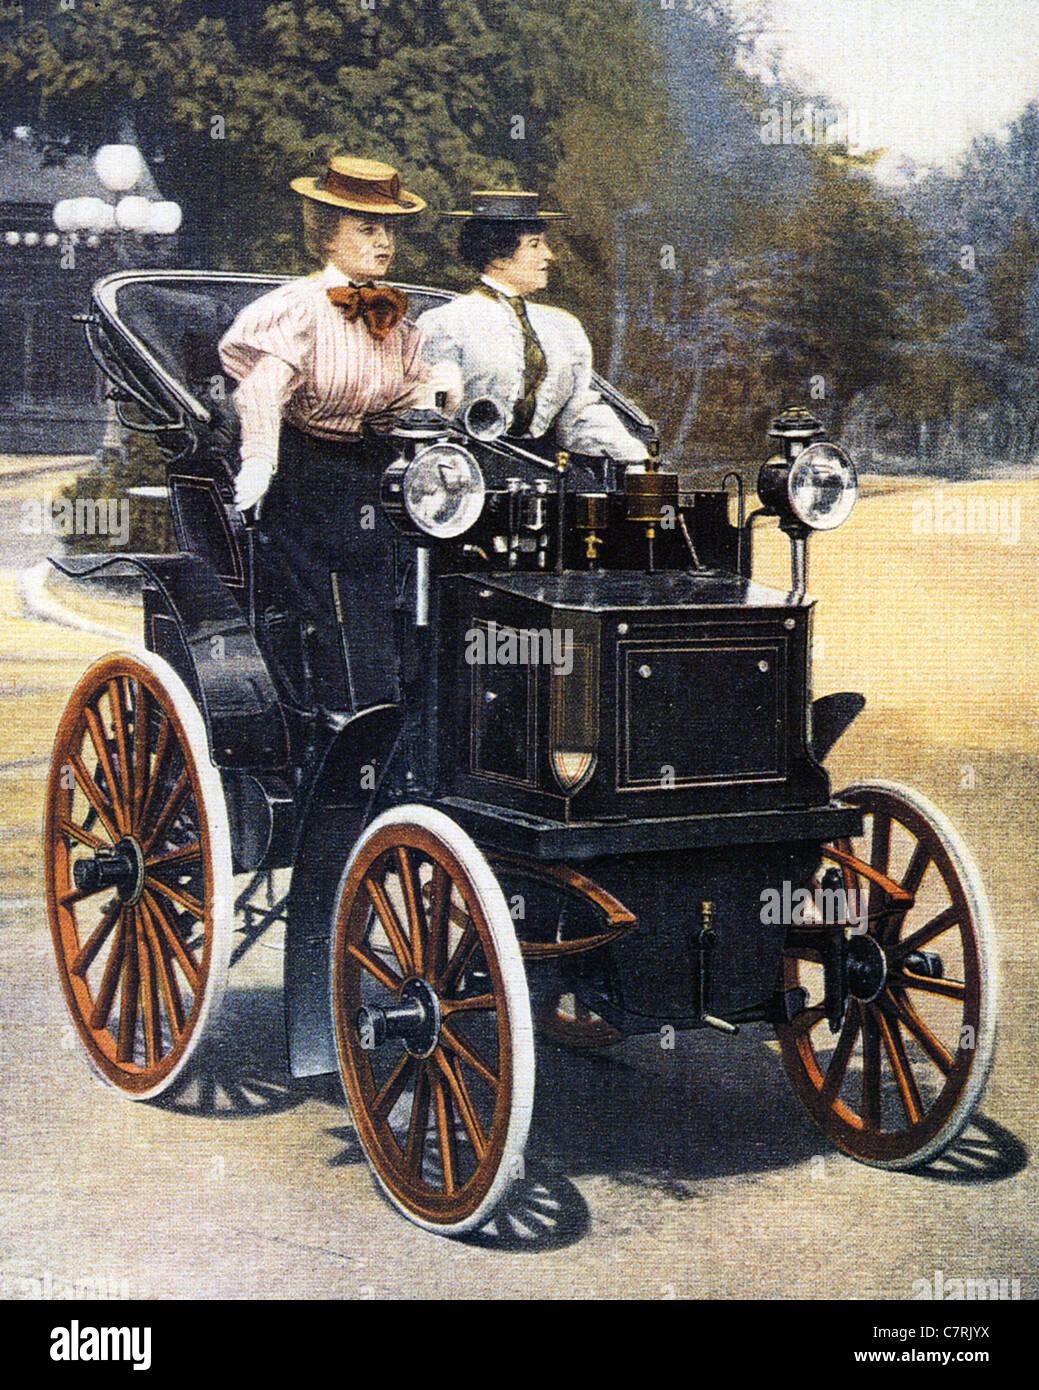 PANHARD ET LEVASSOR Daimler Motorkutsche 1894 Stockbild